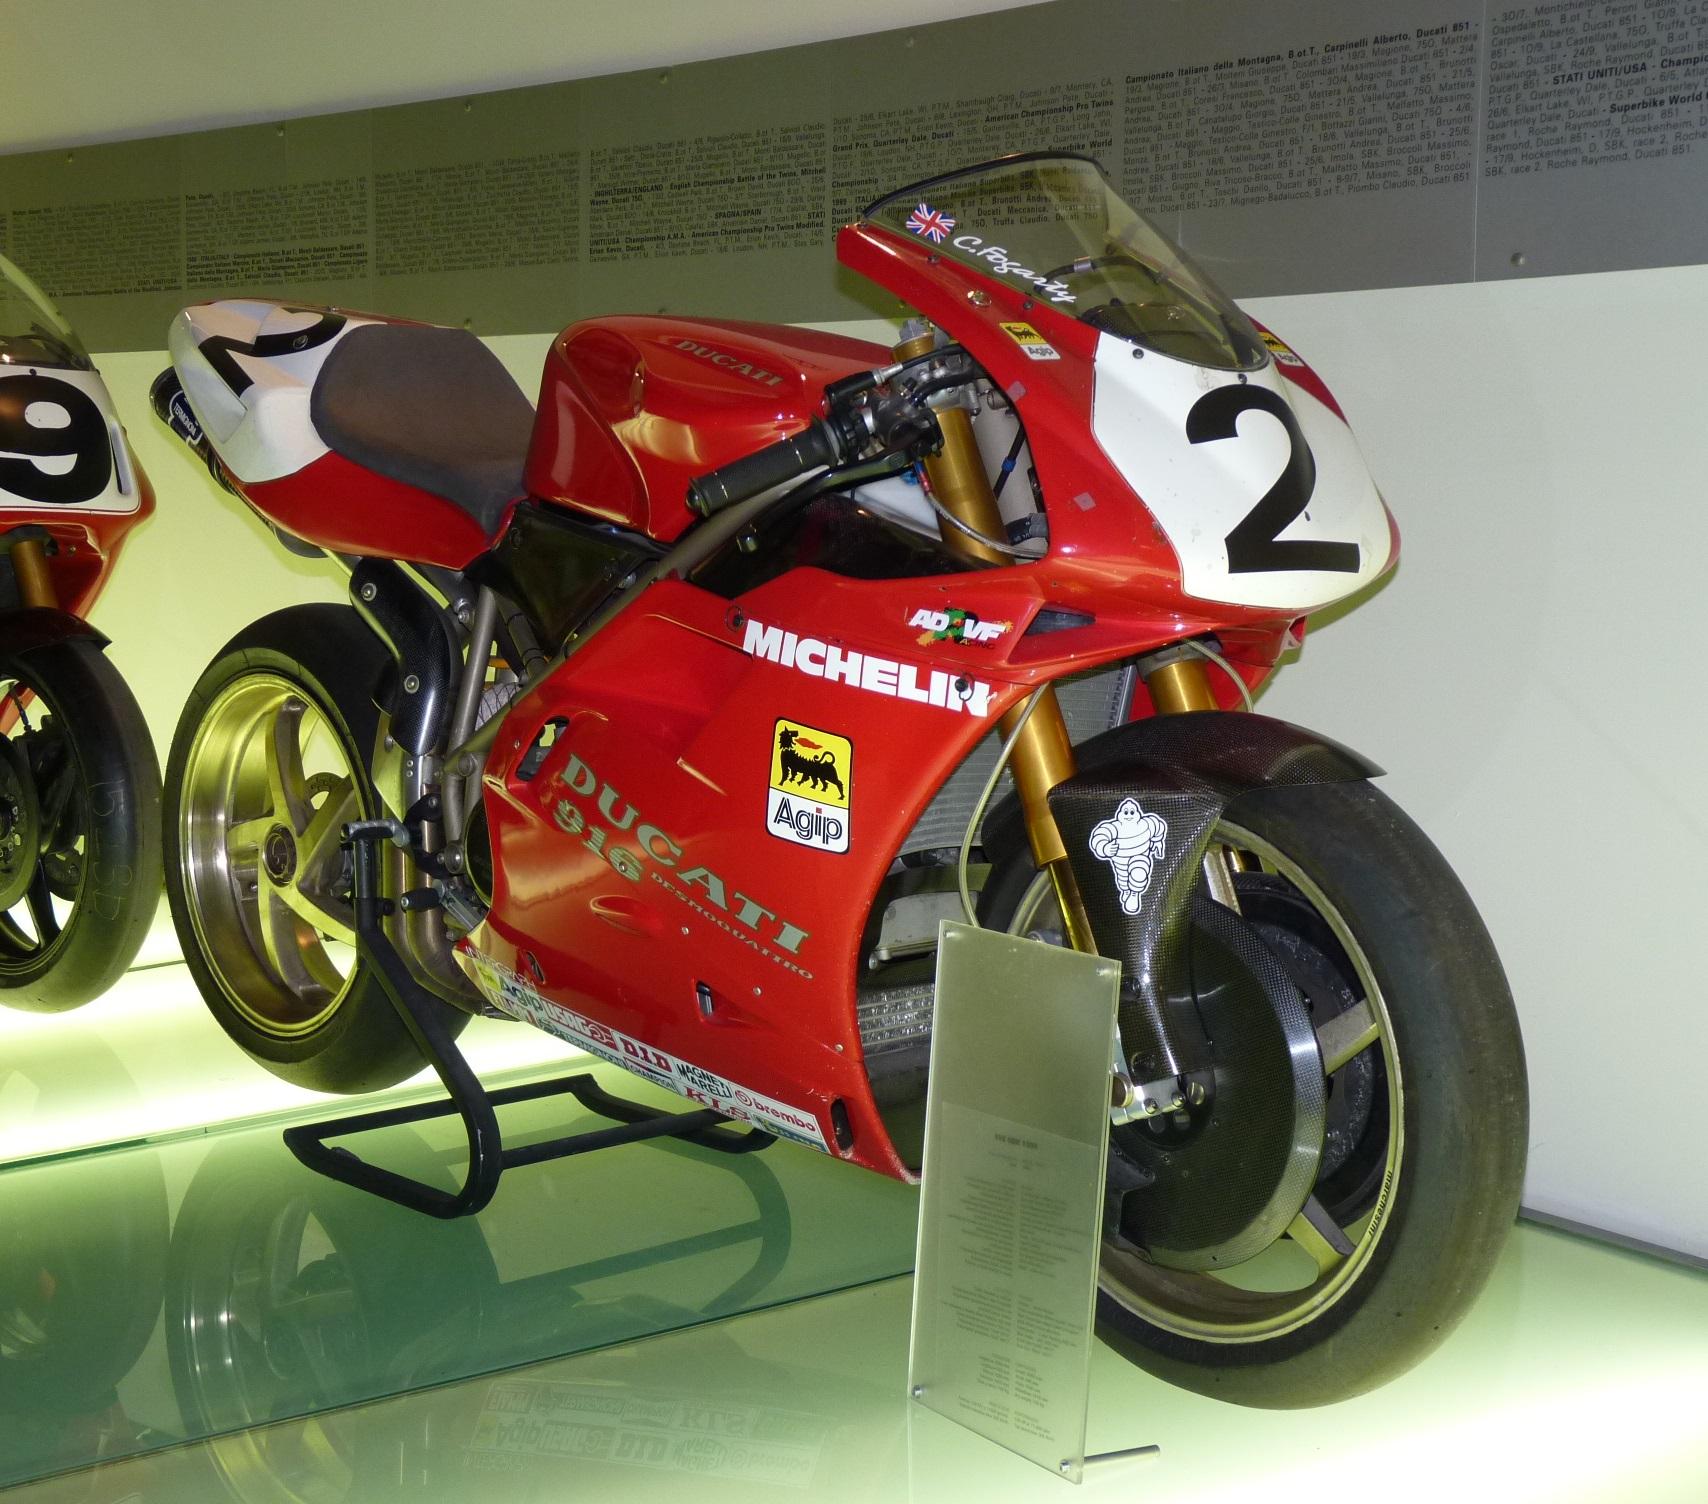 Ducati Superbike  Evo Corse Se Price